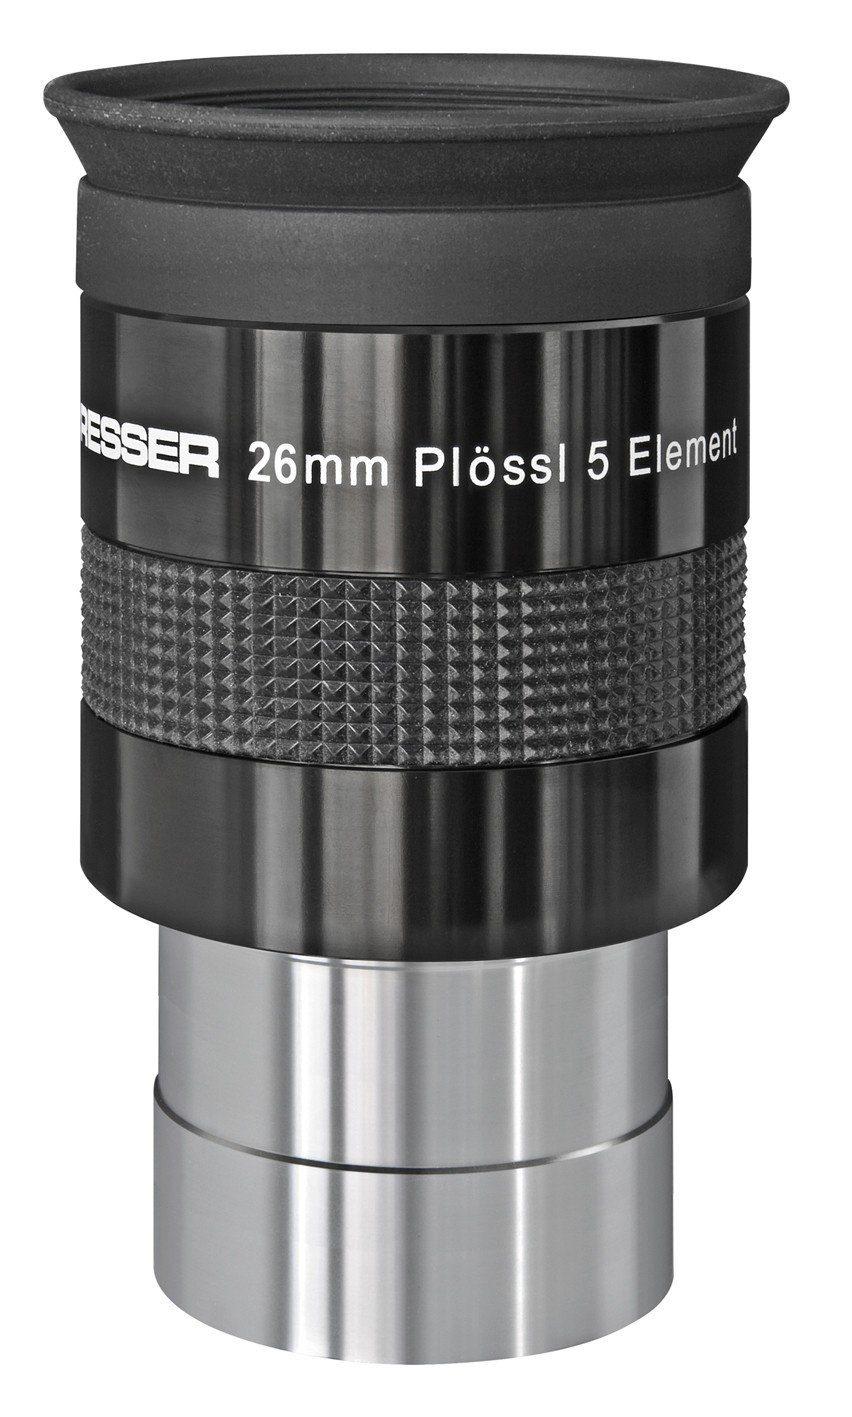 """Bresser Okular »26mm 60° 5 Elements 31.7mm/1.25""""«"""